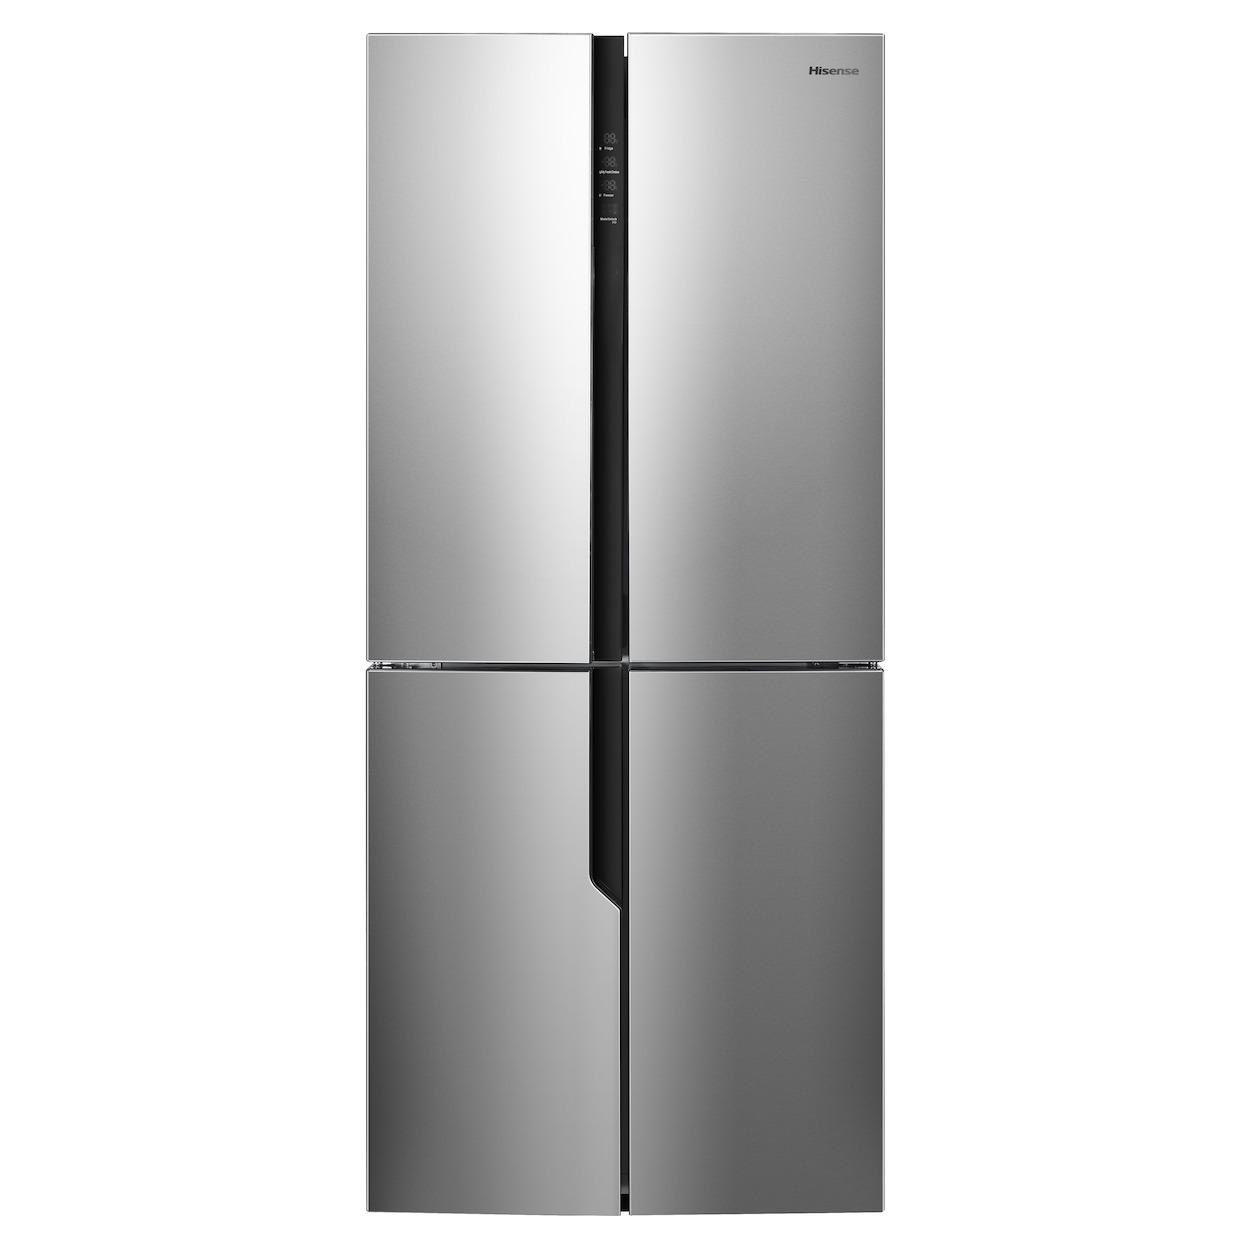 Hisense amerikaanse koelkast RQ562N4AC1